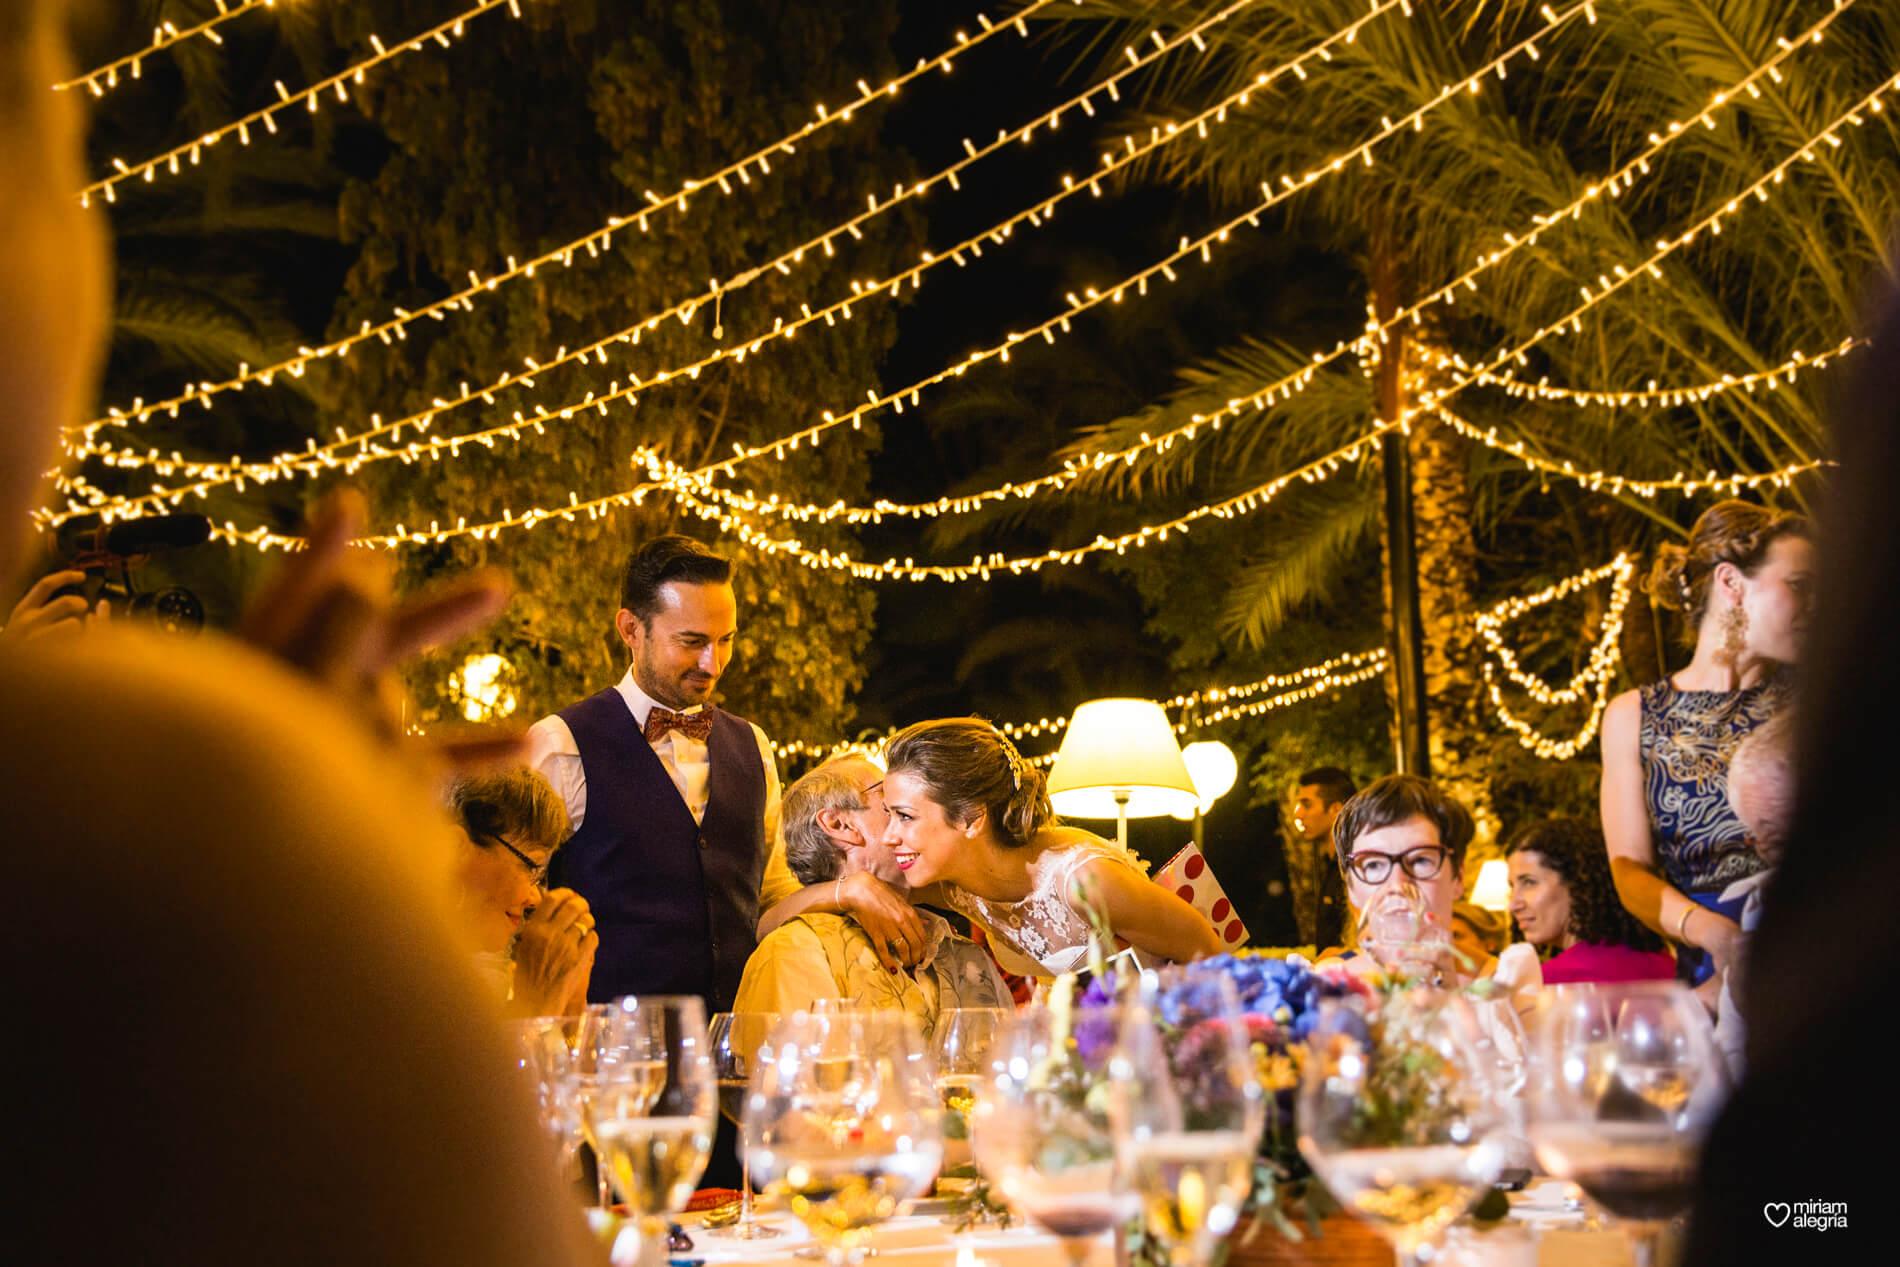 wedding-huerto-del-cura-elche-miriam-alegria-fotografos-boda-94